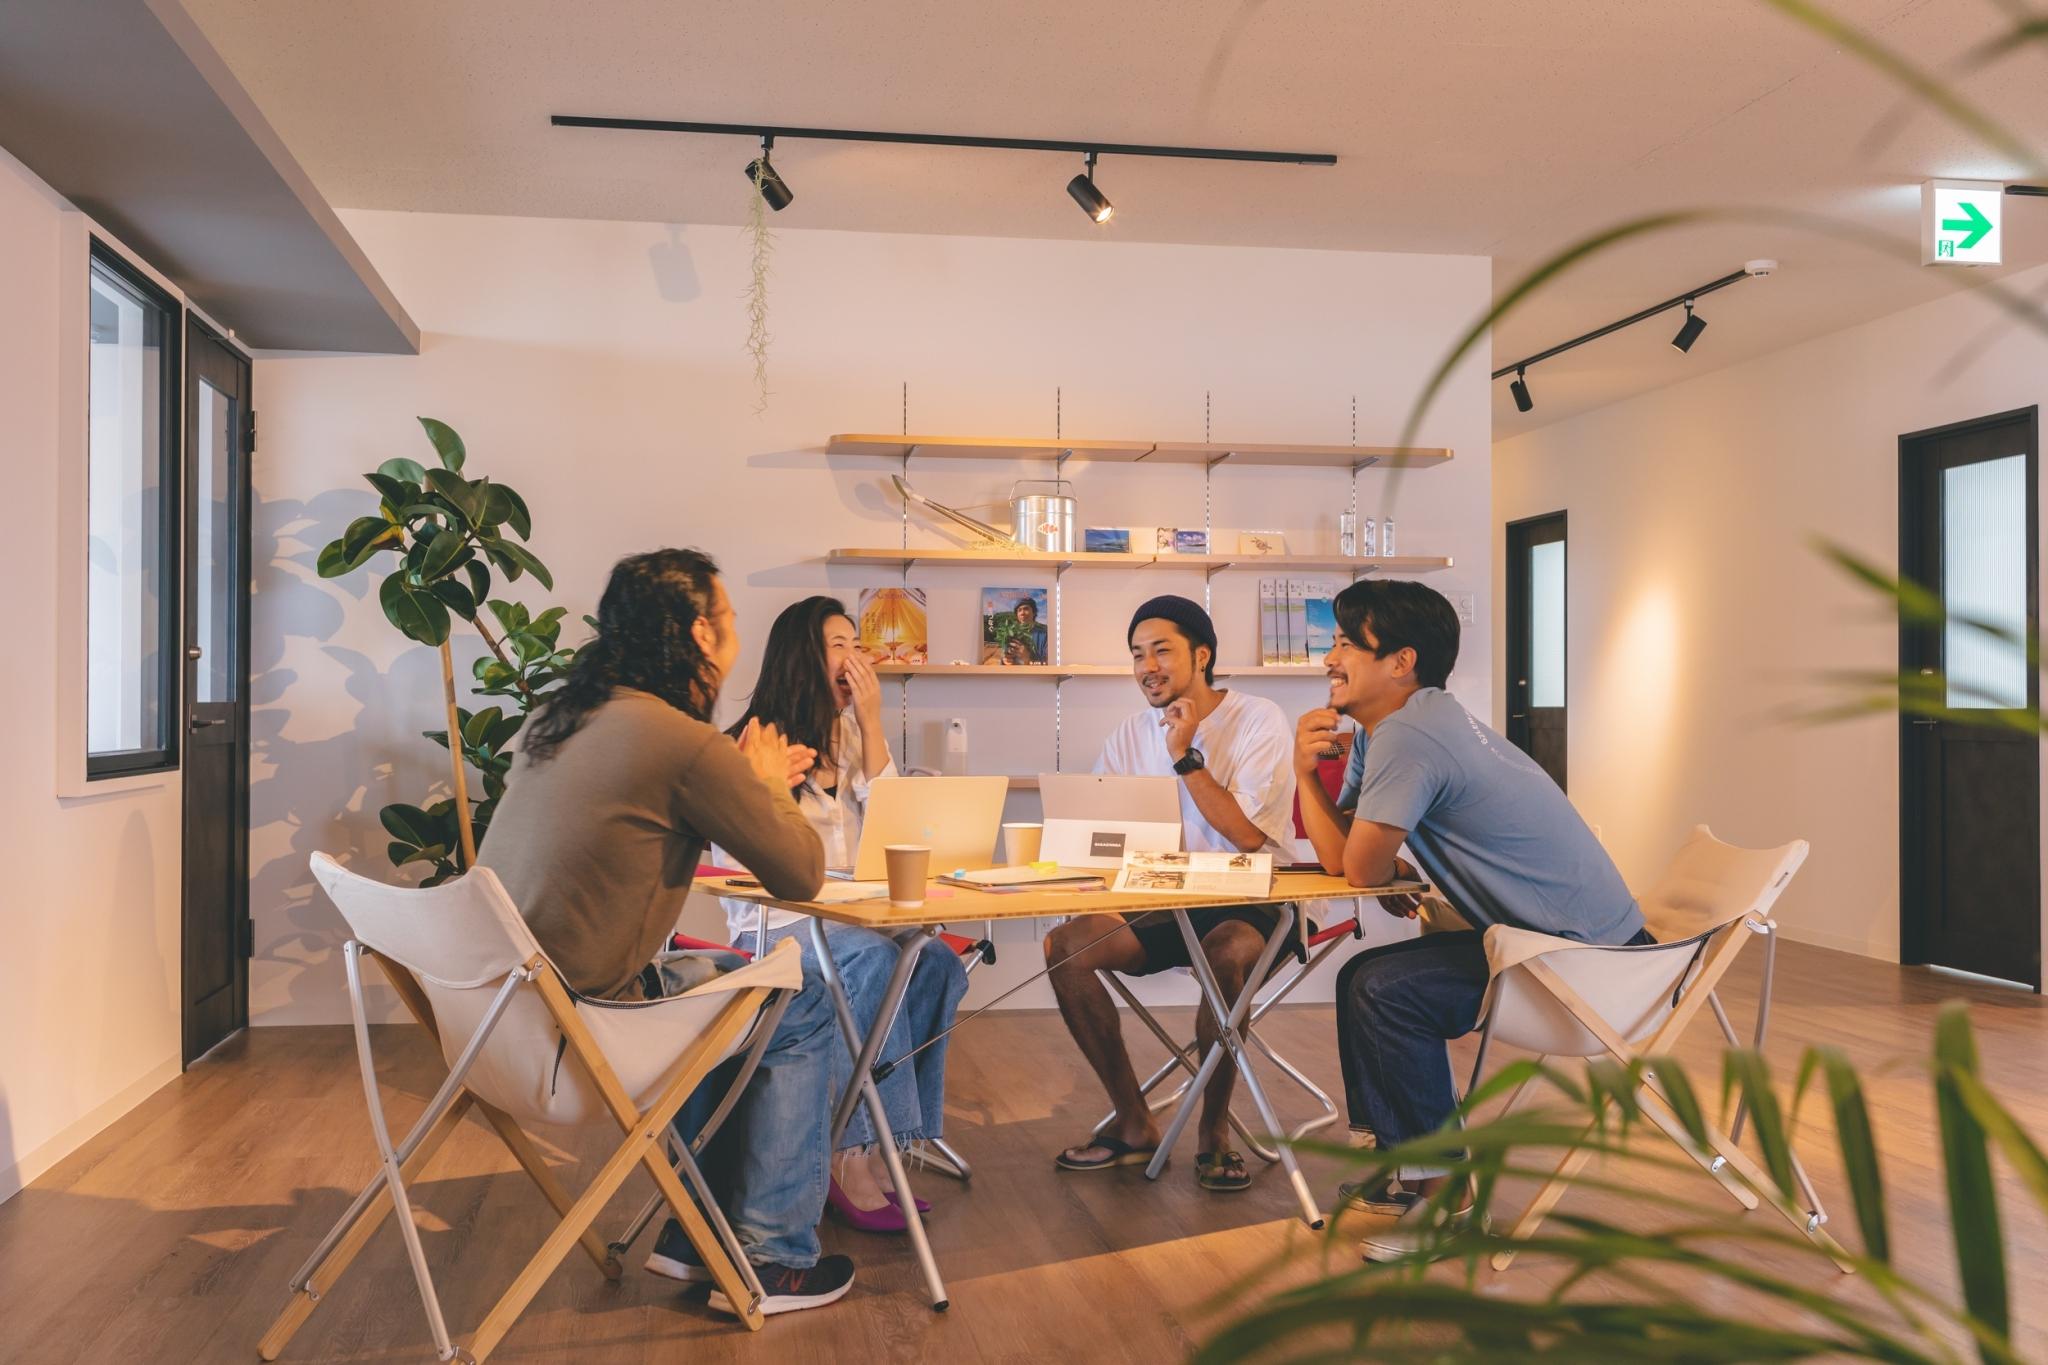 宮古島で起業、事務所・オフィス設立、移転ならシェアオフィスhowlive宮古島がおススメ。